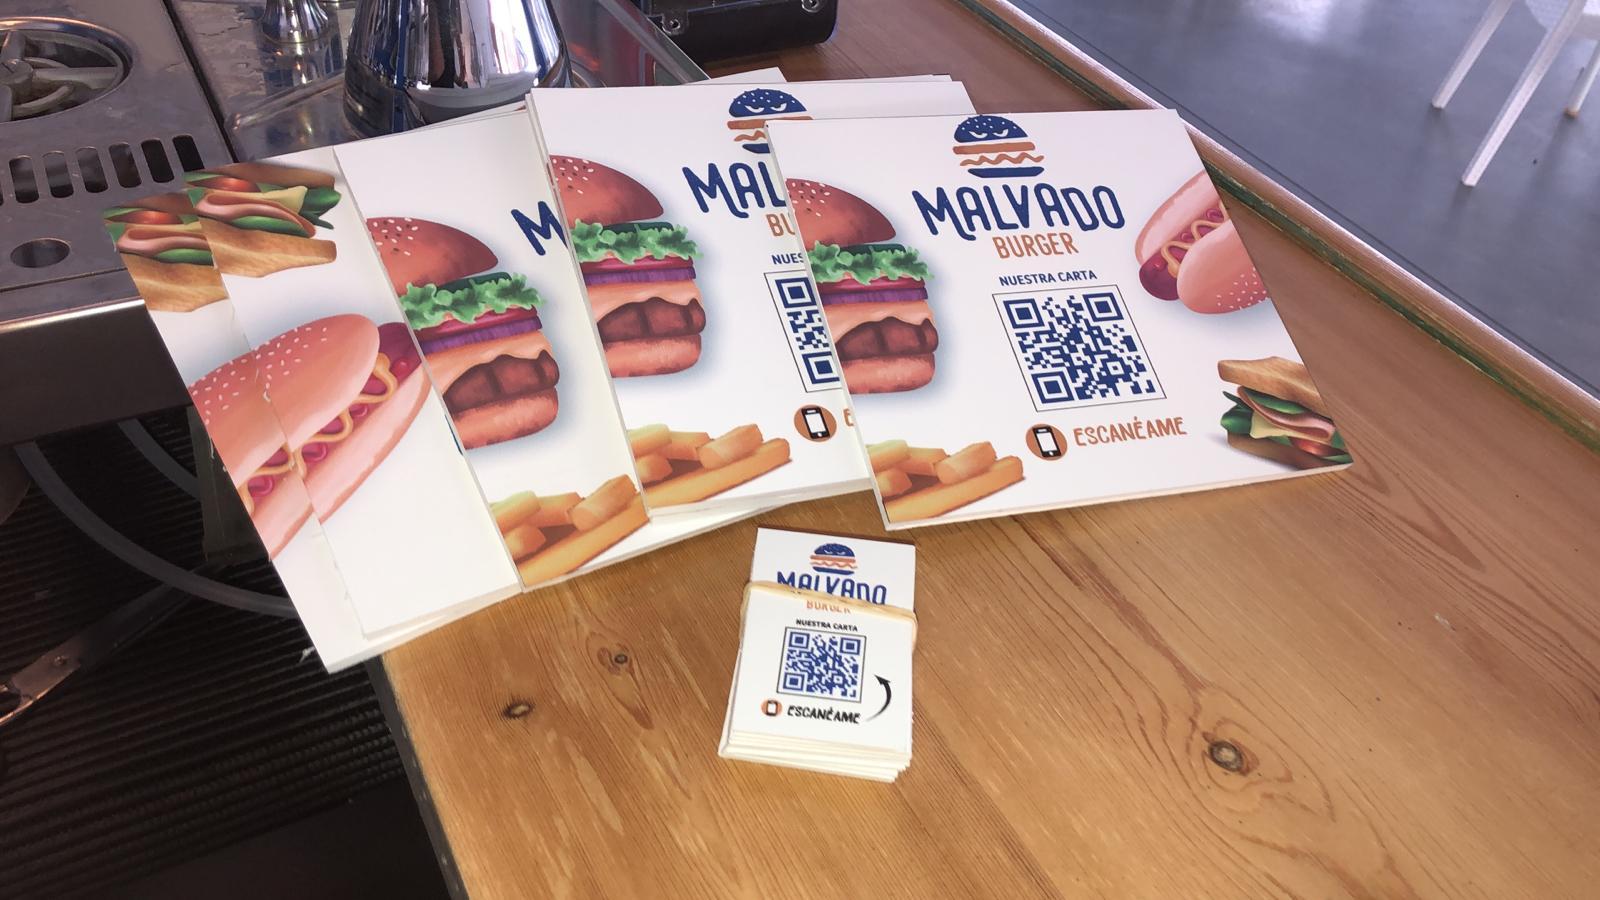 Menú y tarjetas con código QR de Malvado Burger